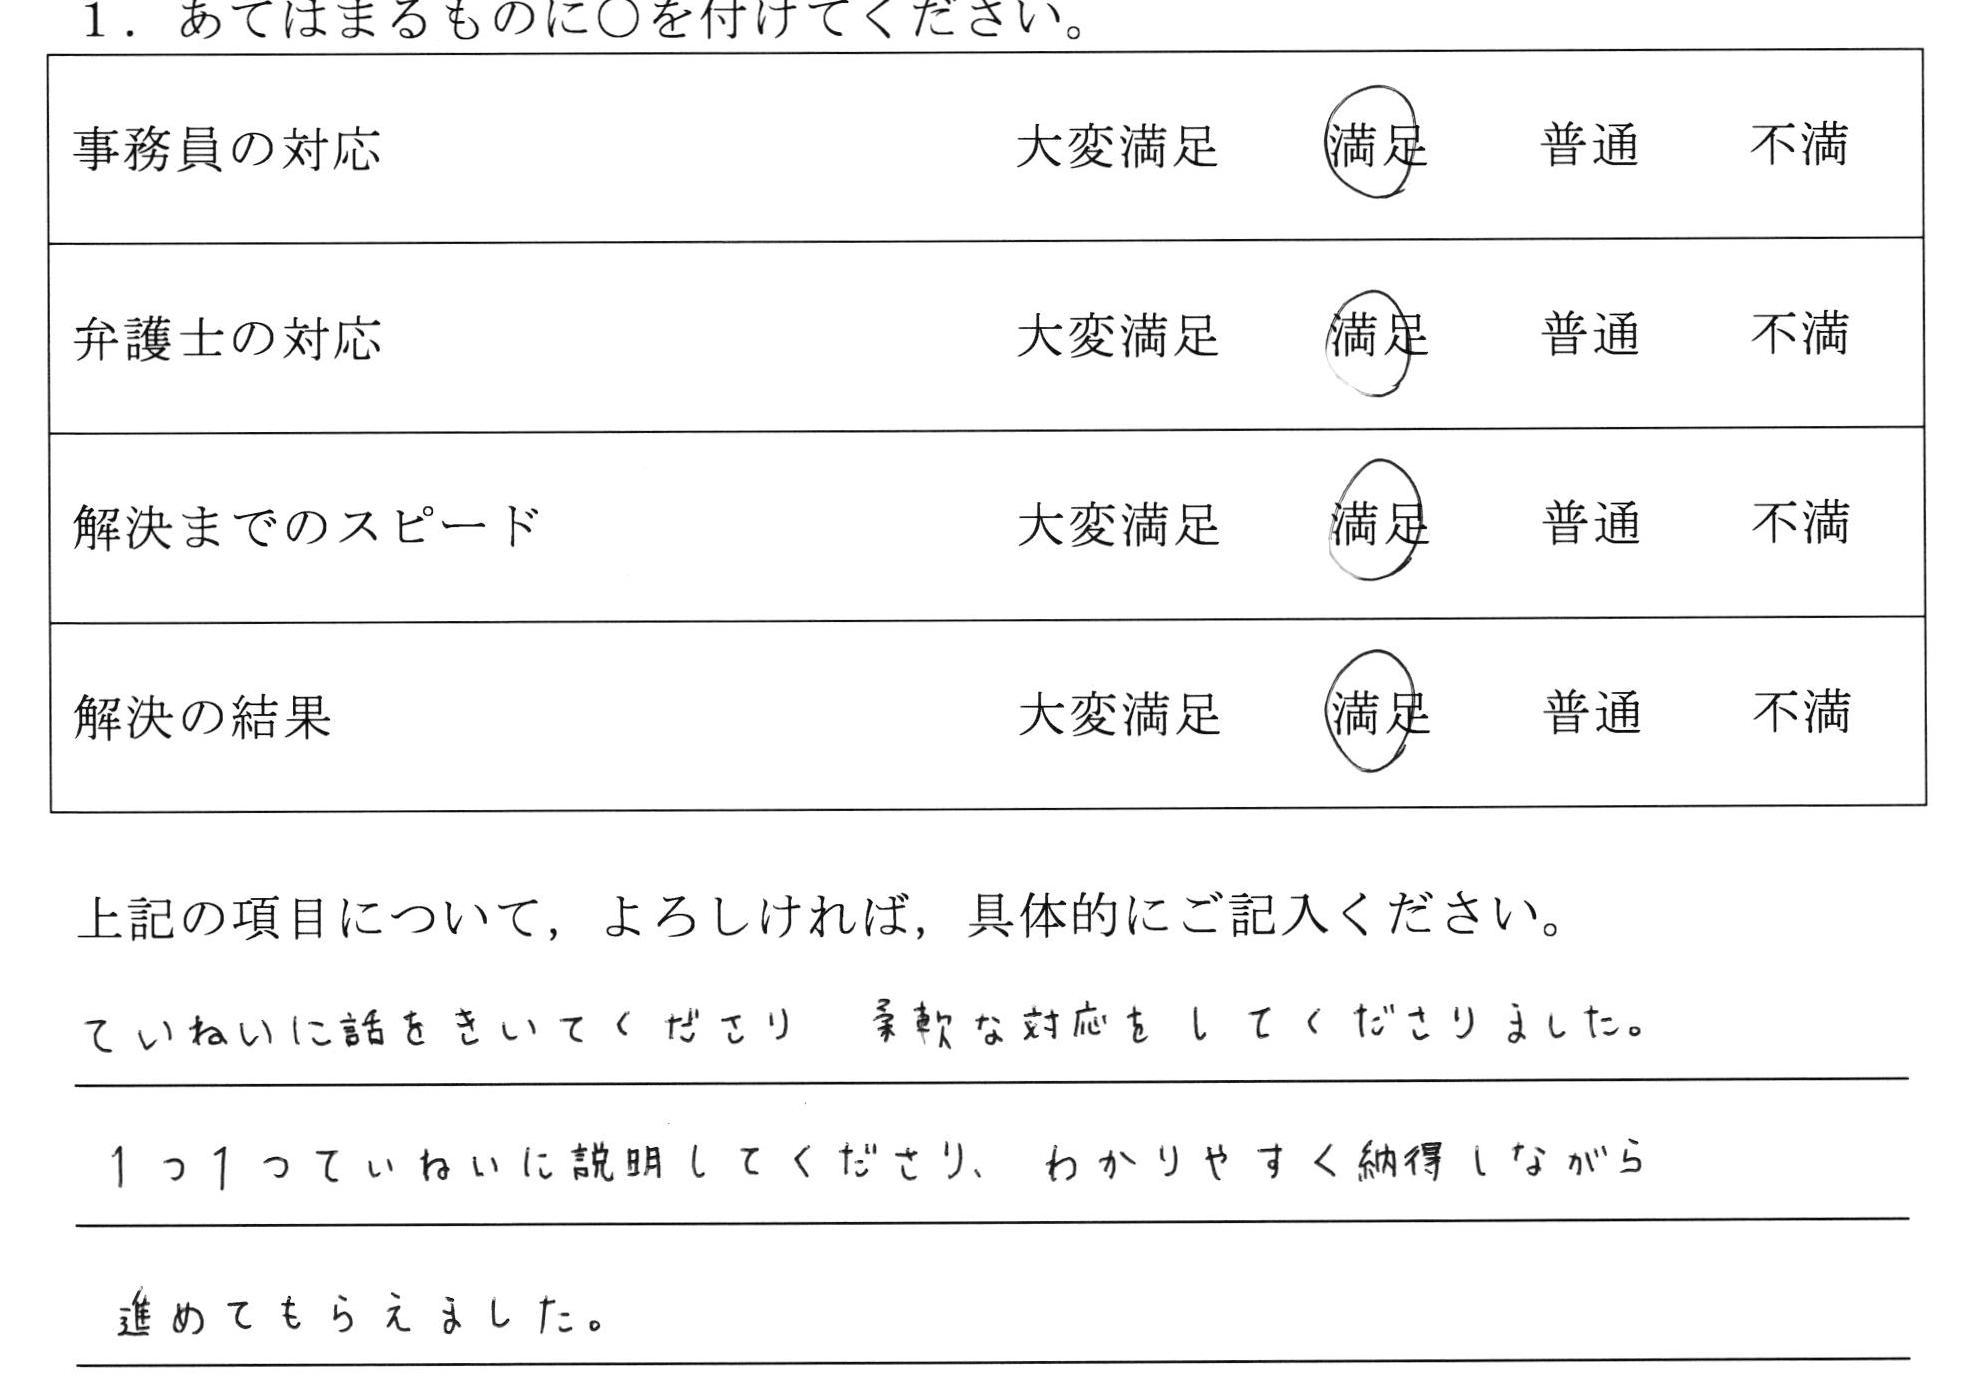 名古屋市30代女性(養育費請求)の依頼者様の声 : ていねいに話をきいてくださり柔軟な対応をしてくださりました。 1つ1つていねいに説明してくださり、わかりやすく納得しながら進めてもらえました。